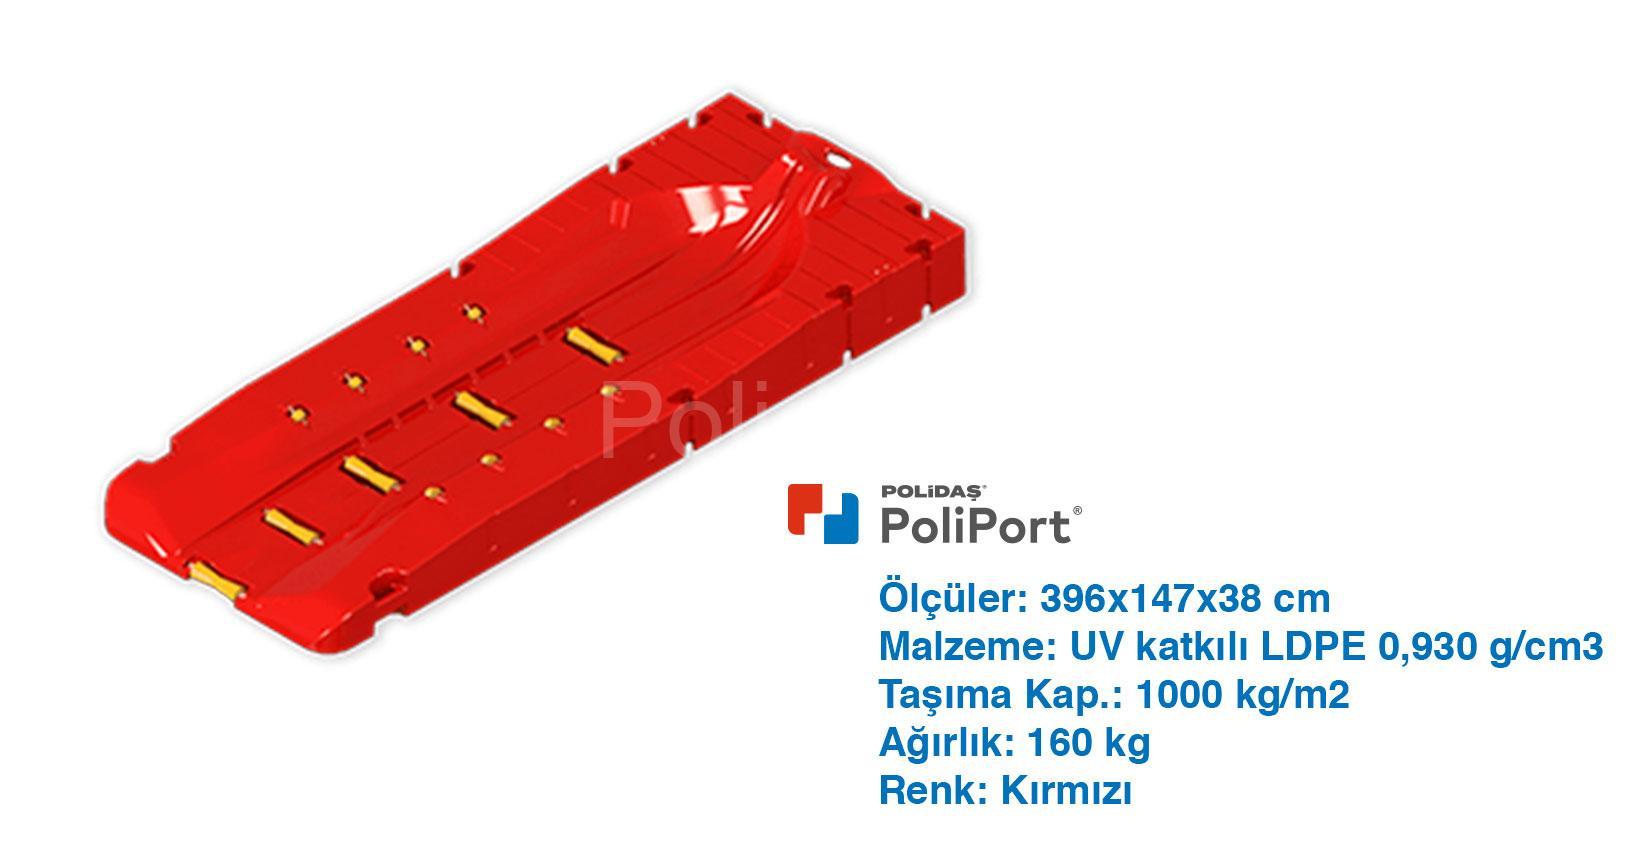 jet-ski-platform-